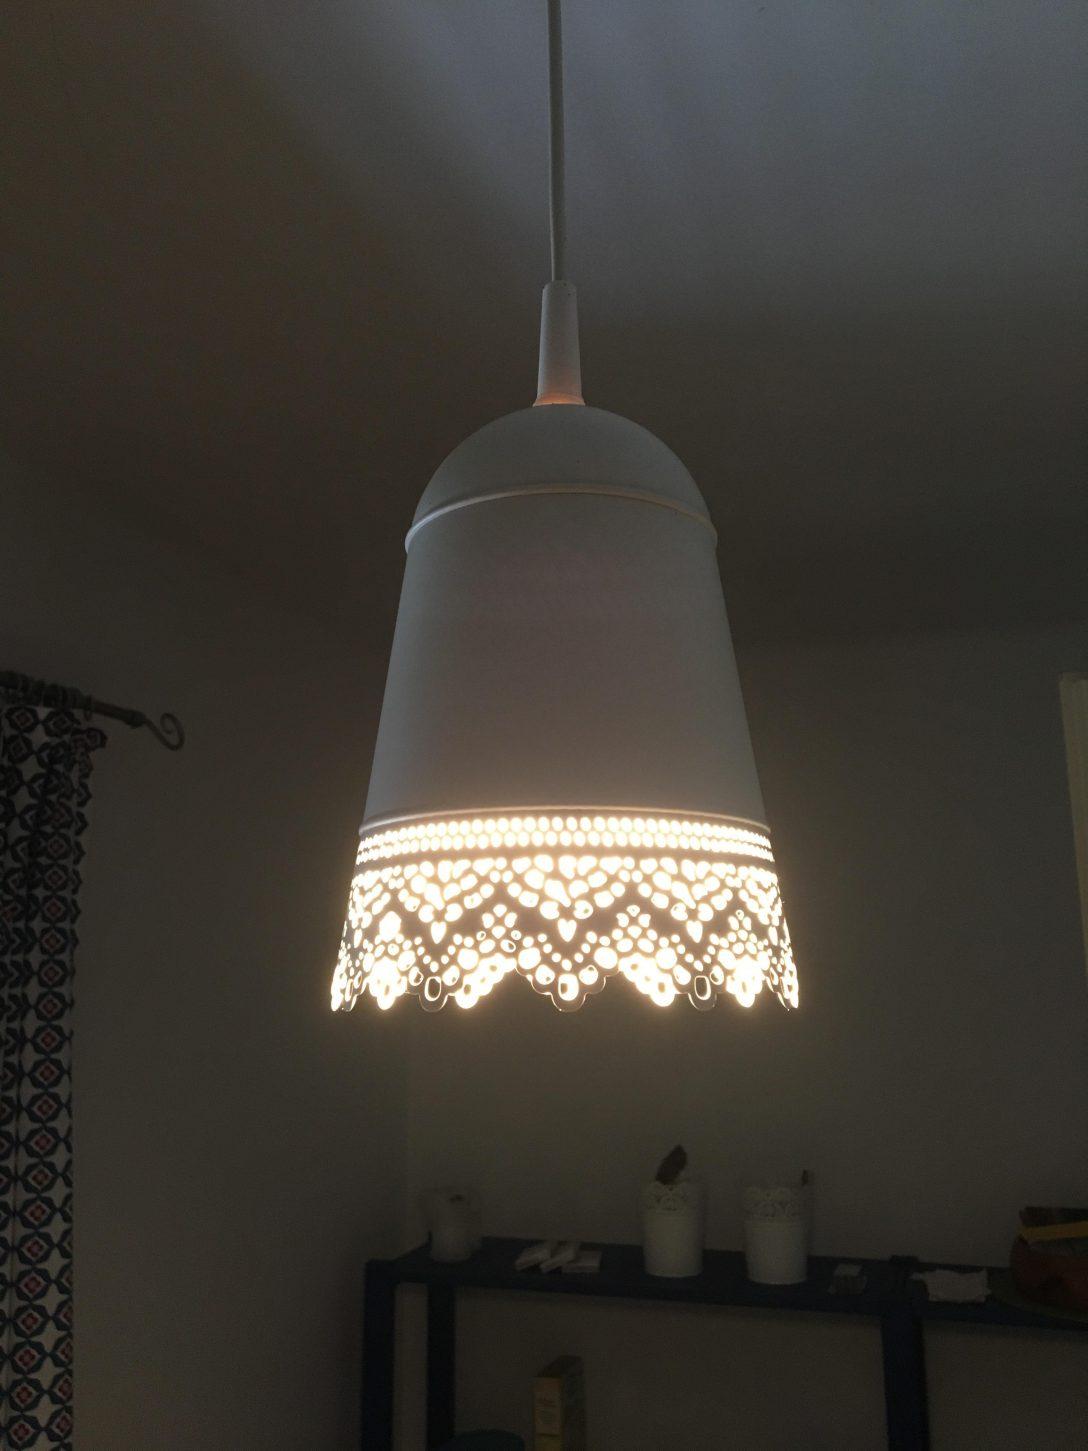 Large Size of Eine Blumenhngeampel Von Ikea Zur Deckenlampe Umgeb Bad Wohnzimmer Deckenlampen Küche Kaufen Miniküche Kosten Modern Sofa Mit Schlaffunktion Betten 160x200 Wohnzimmer Deckenlampe Ikea